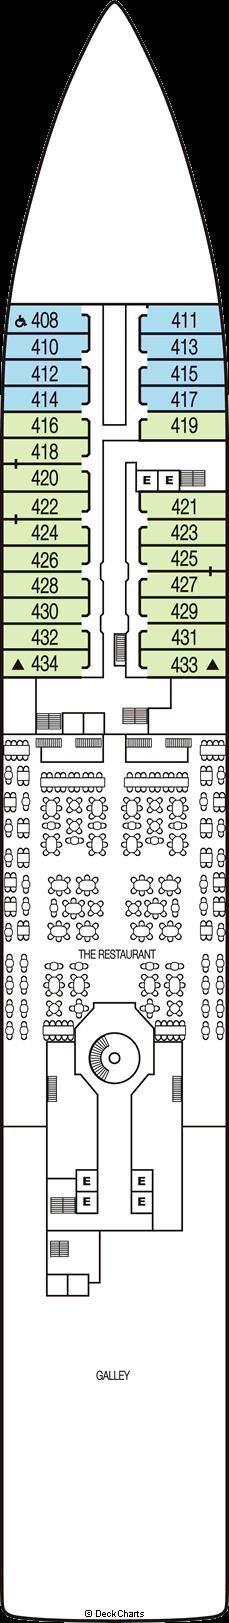 Seabourn Odyssey: Deck 4